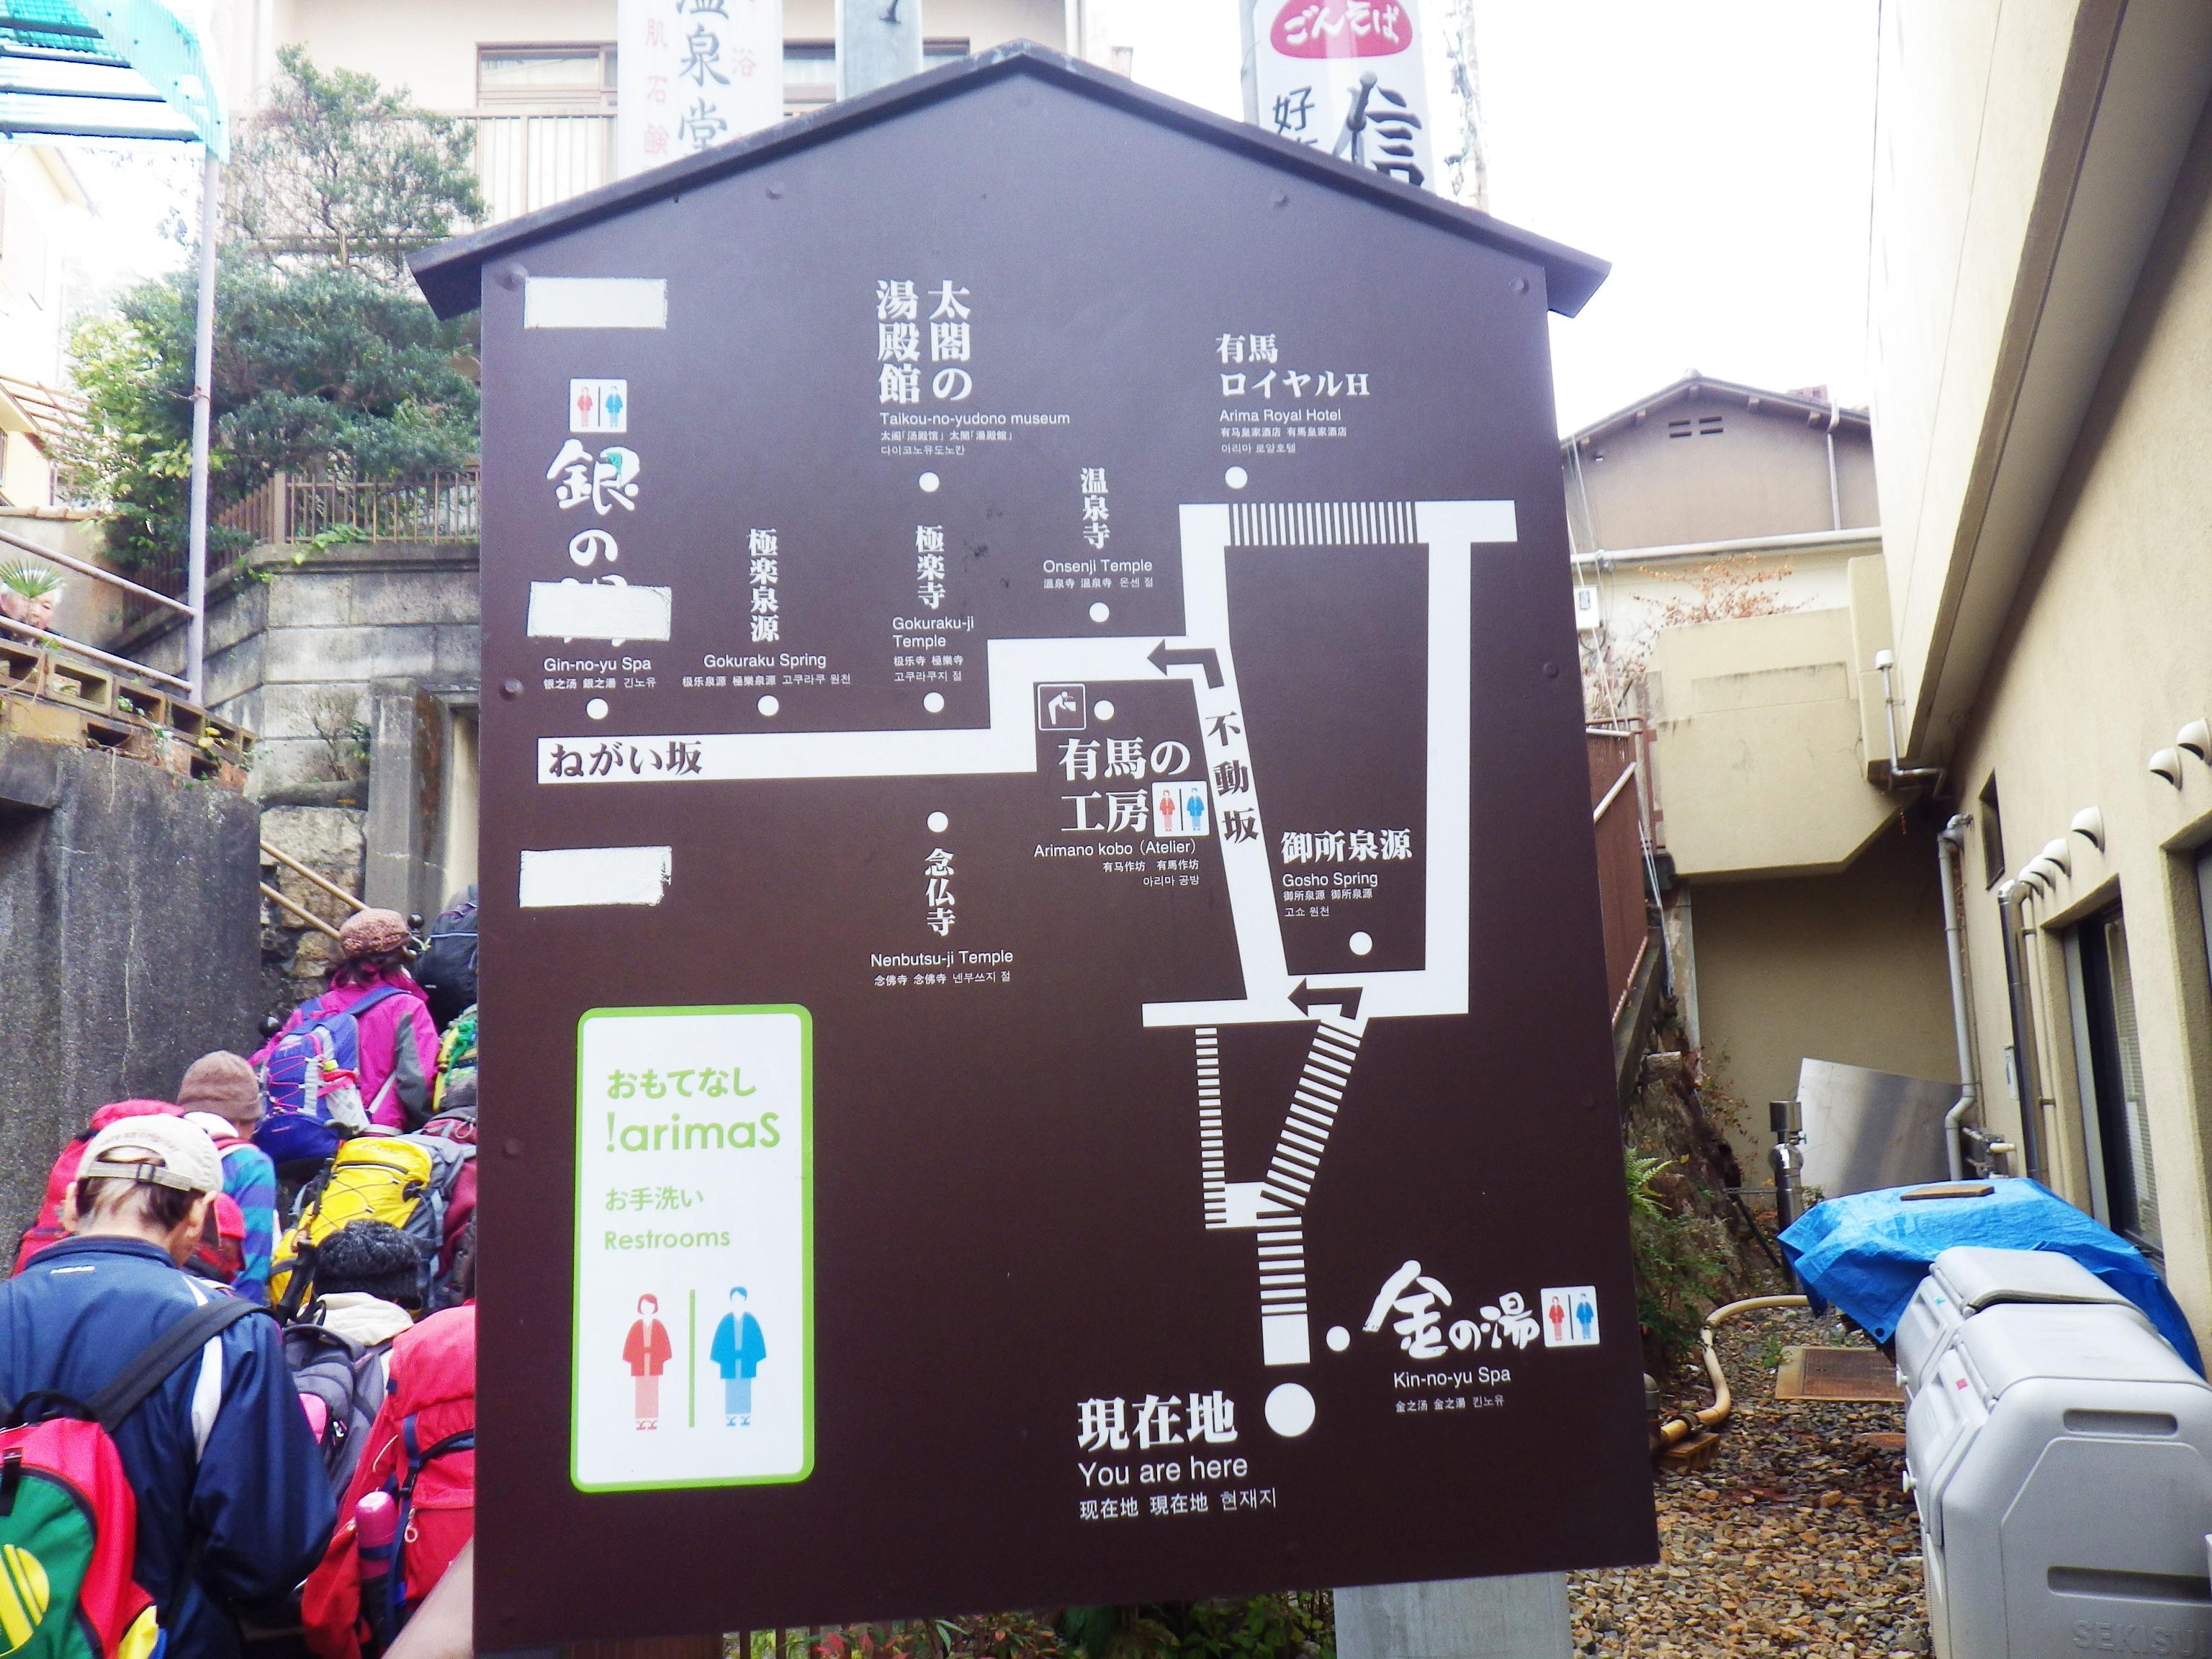 05a 温泉寺への案内図